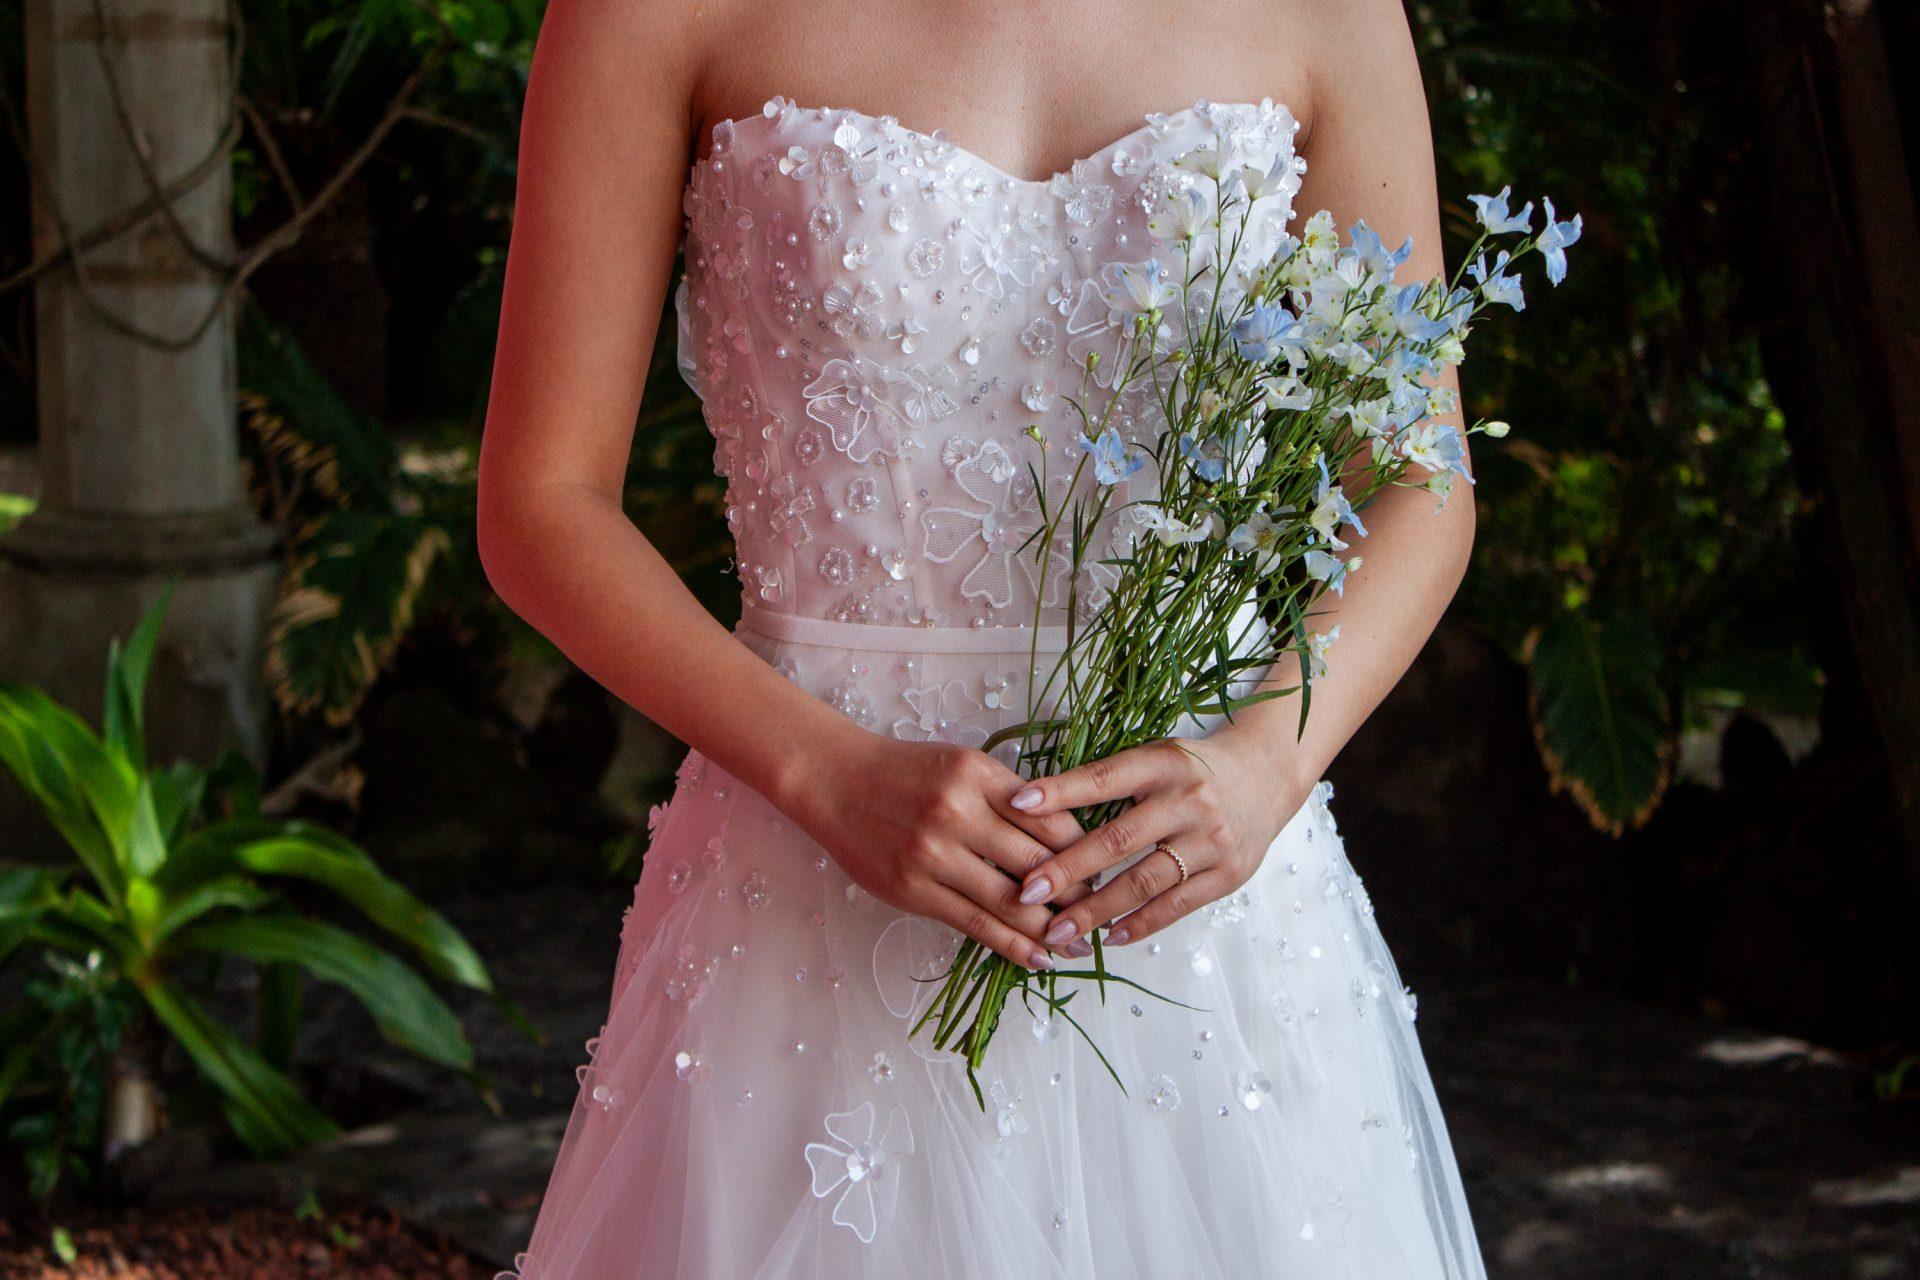 胸元の3Dフラワーモチーフが愛らしいミラ・ズウィリンガーの新作ドレスはザ・ルイガンズの夏婚にもぴったりのチュール素材